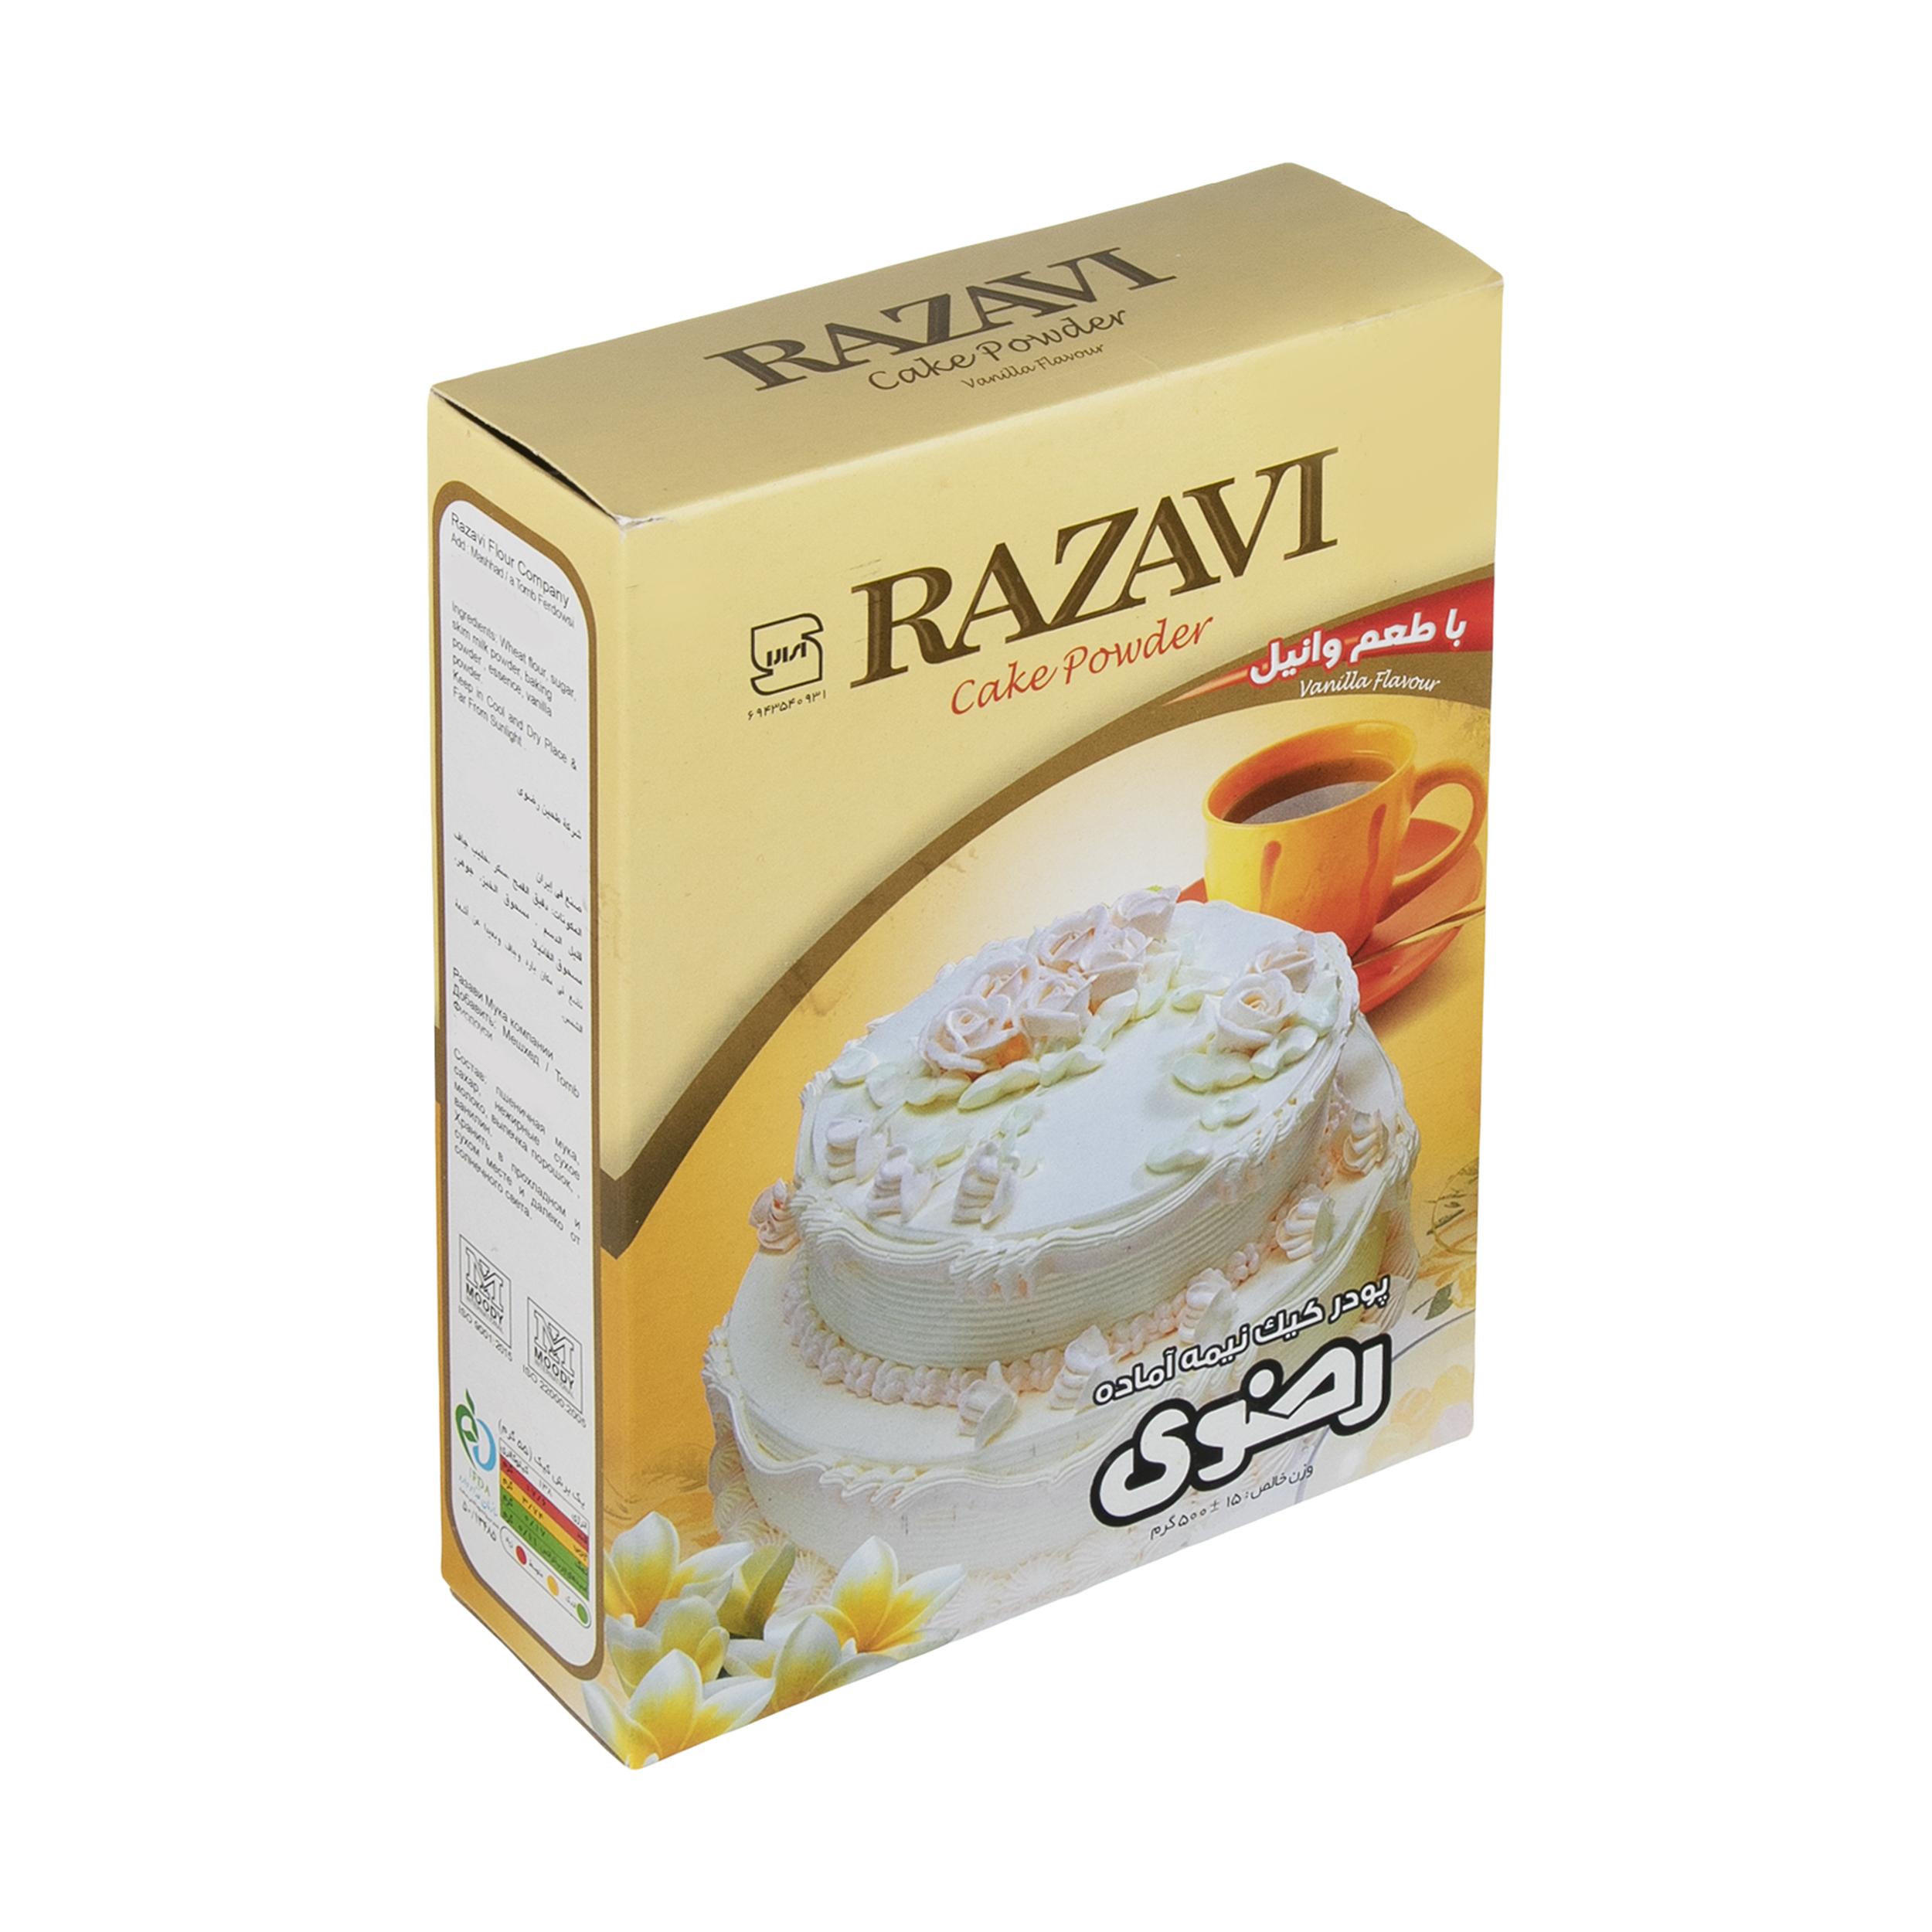 خرید                      پودر کیک رضوی با طعم وانیل  - 500 گرم